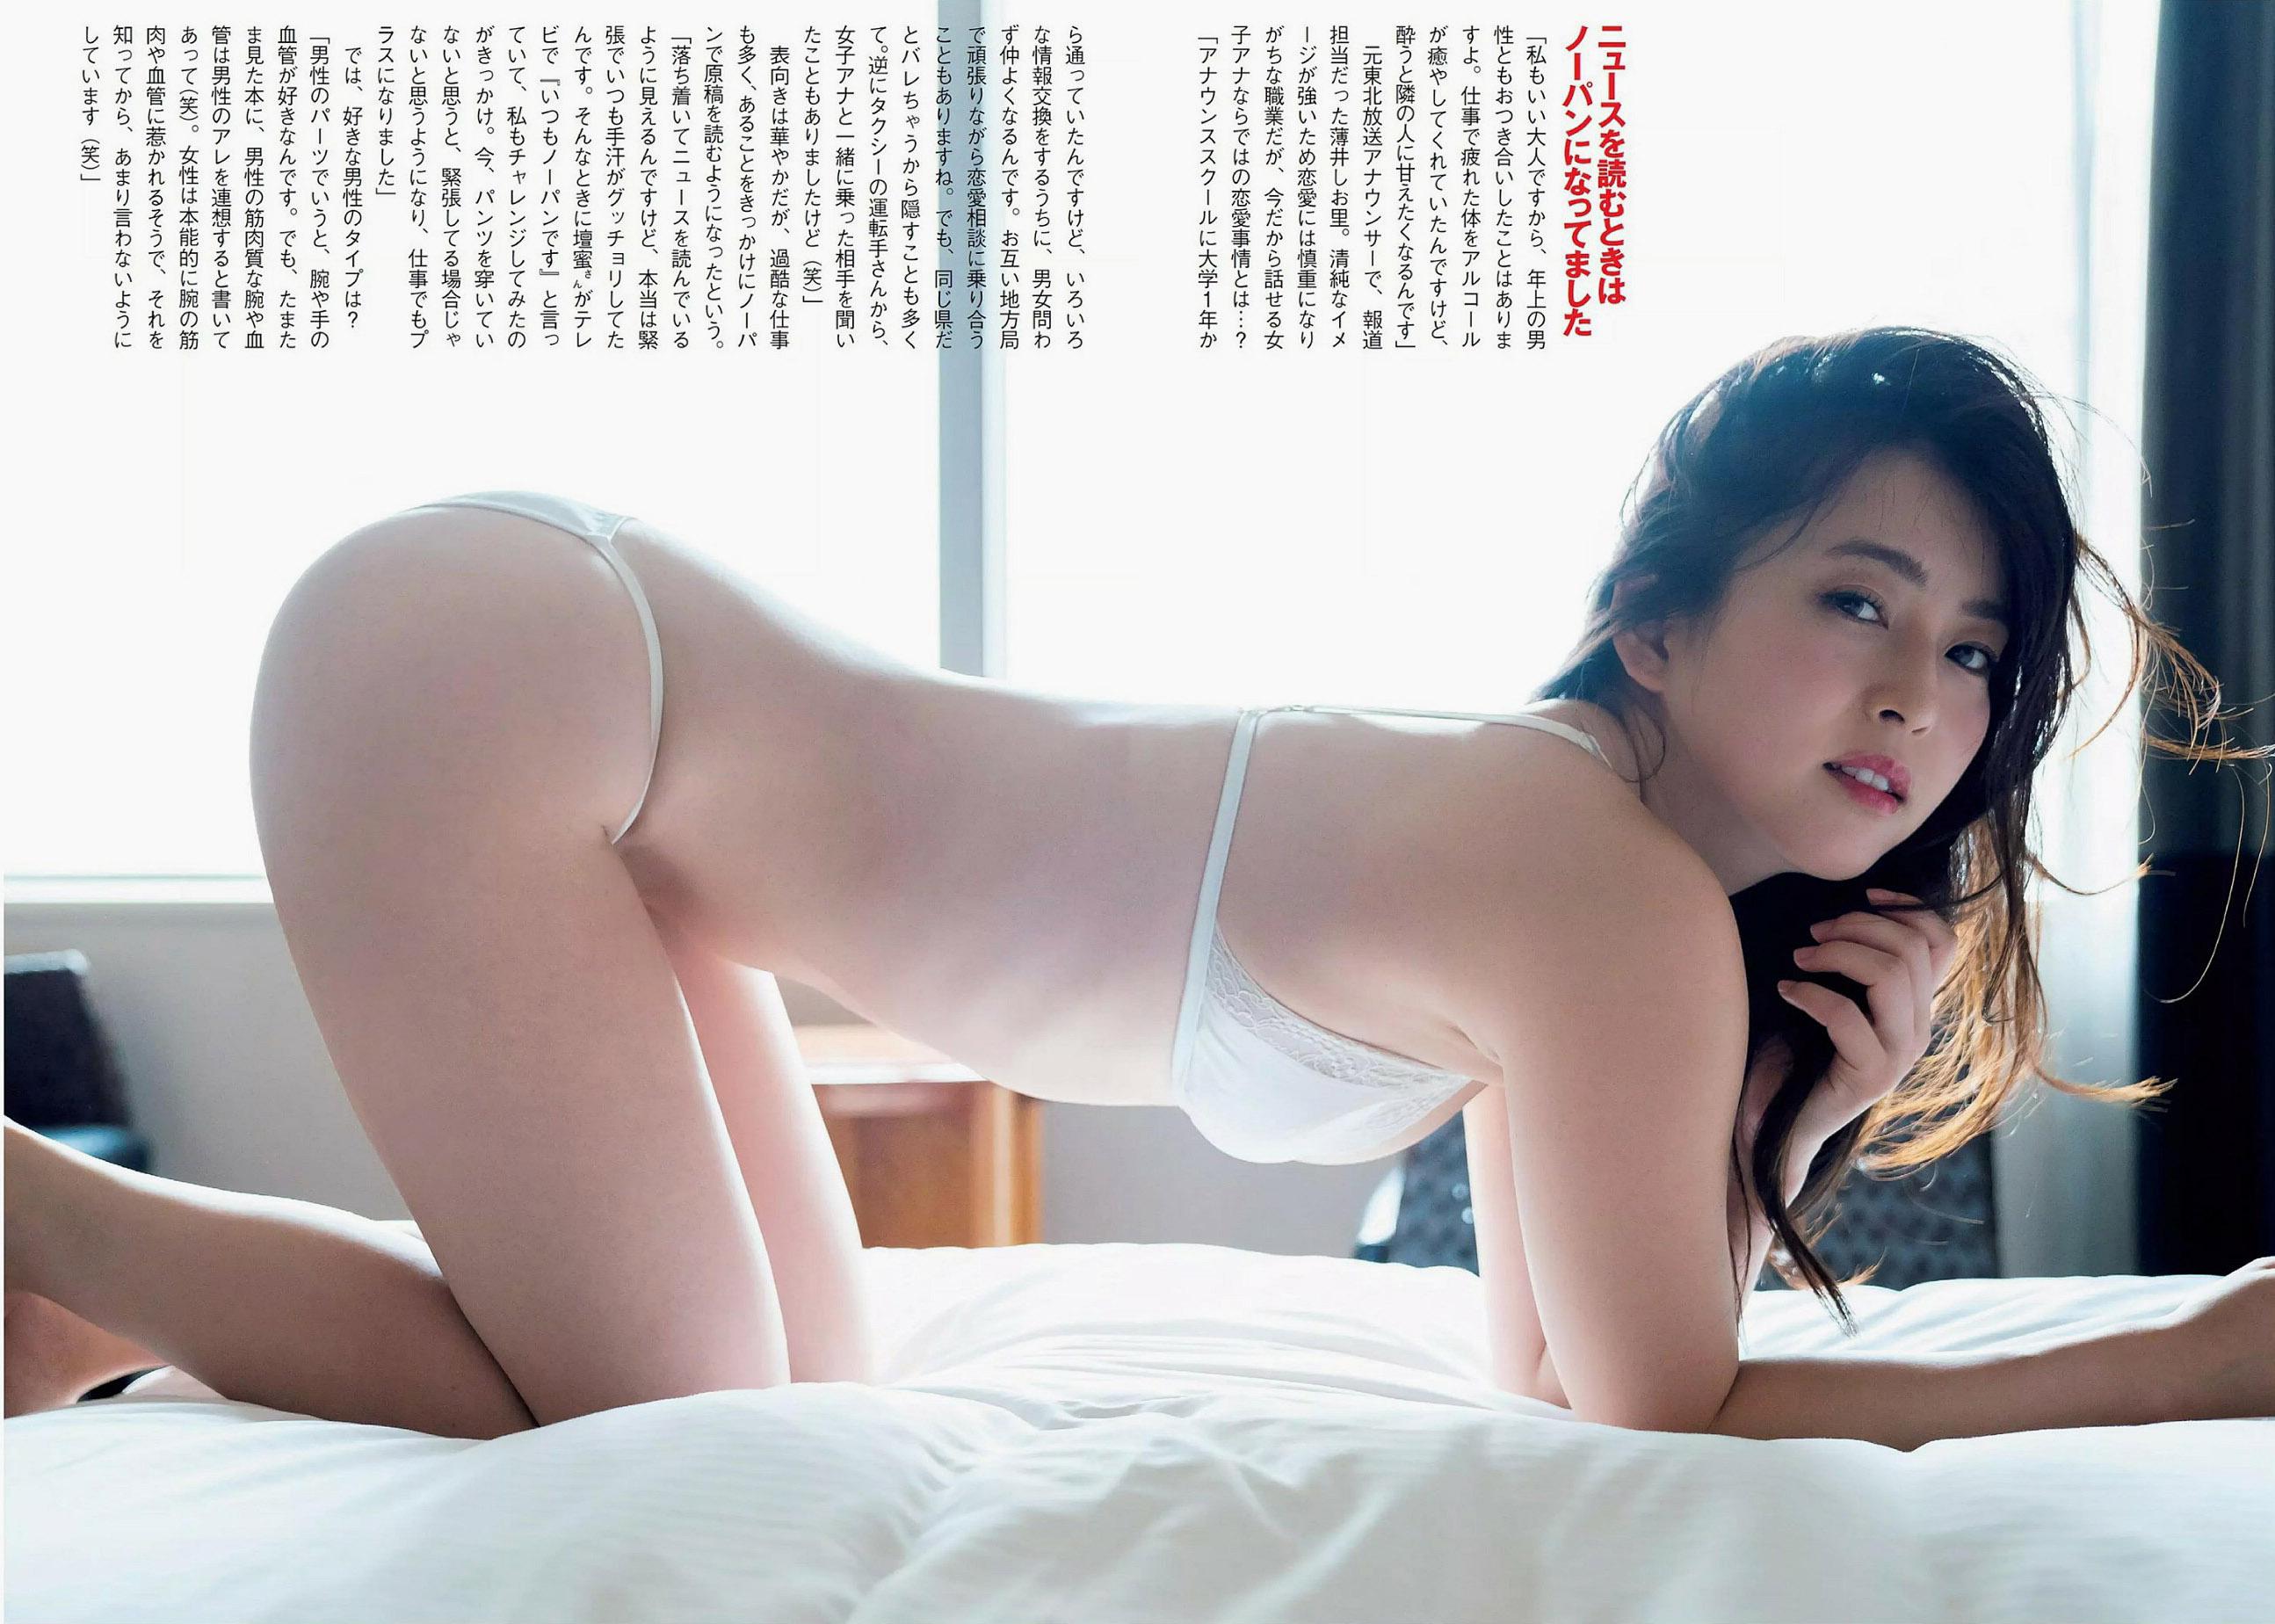 Shiori Usui Flash 190219 04.jpg